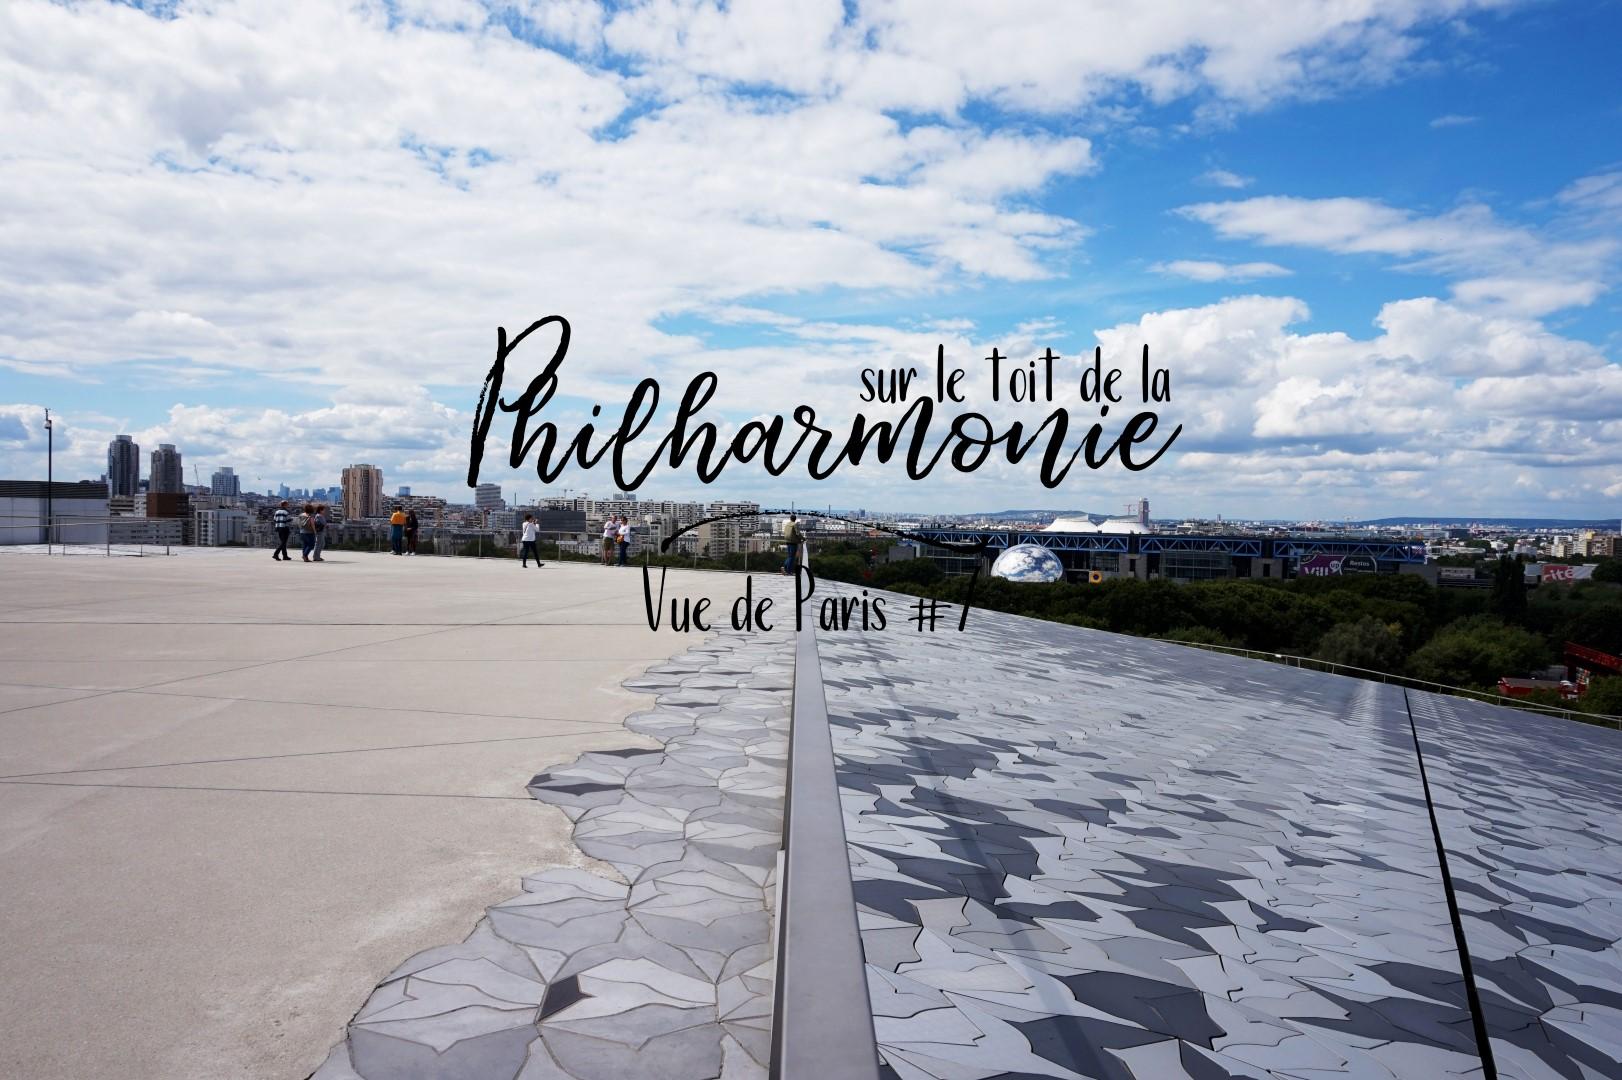 Top Vues de Paris #7 Sur le toit de la Philharmonie - Un petit pois  LZ65